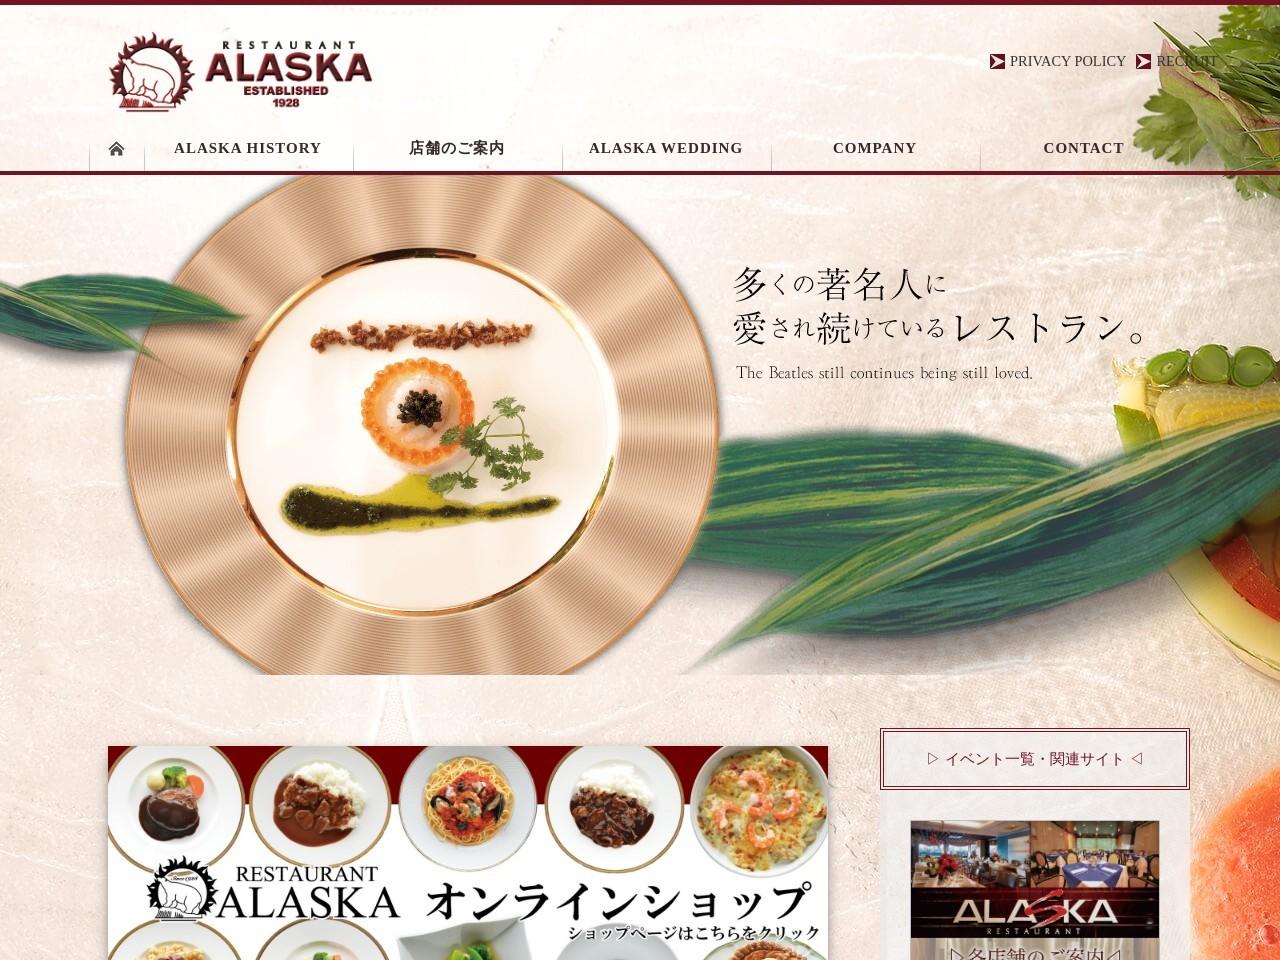 株式会社アラスカ/朝日新聞社支店